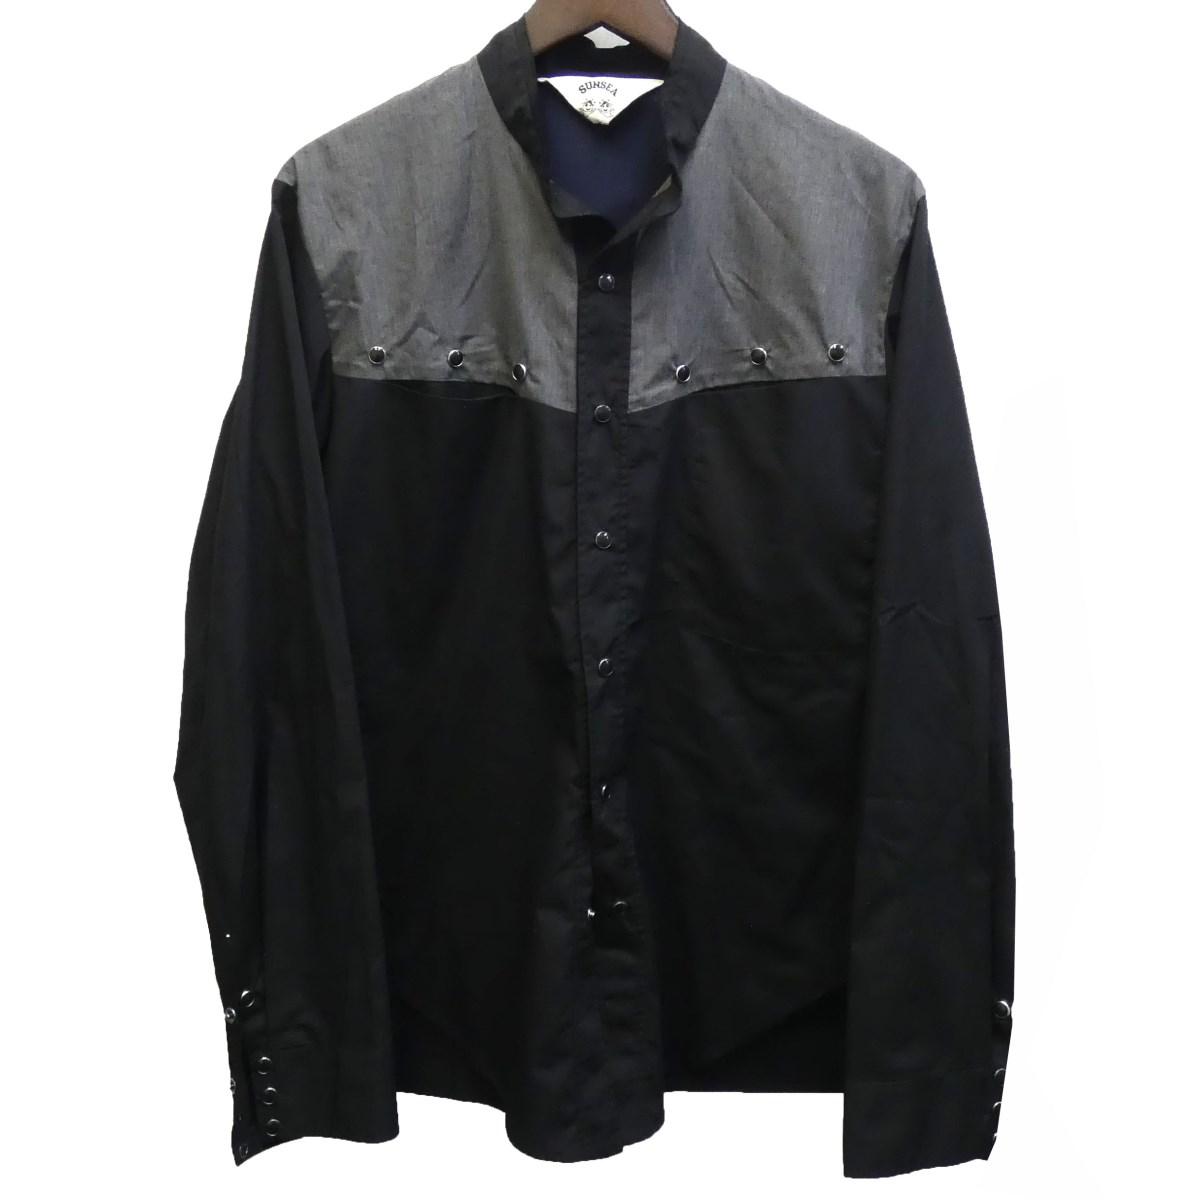 【中古】SUNSEA 18AW「VINCENT SHIRT 2」ヴィンセントシャツ ブラック サイズ:2 【090320】(サンシー)